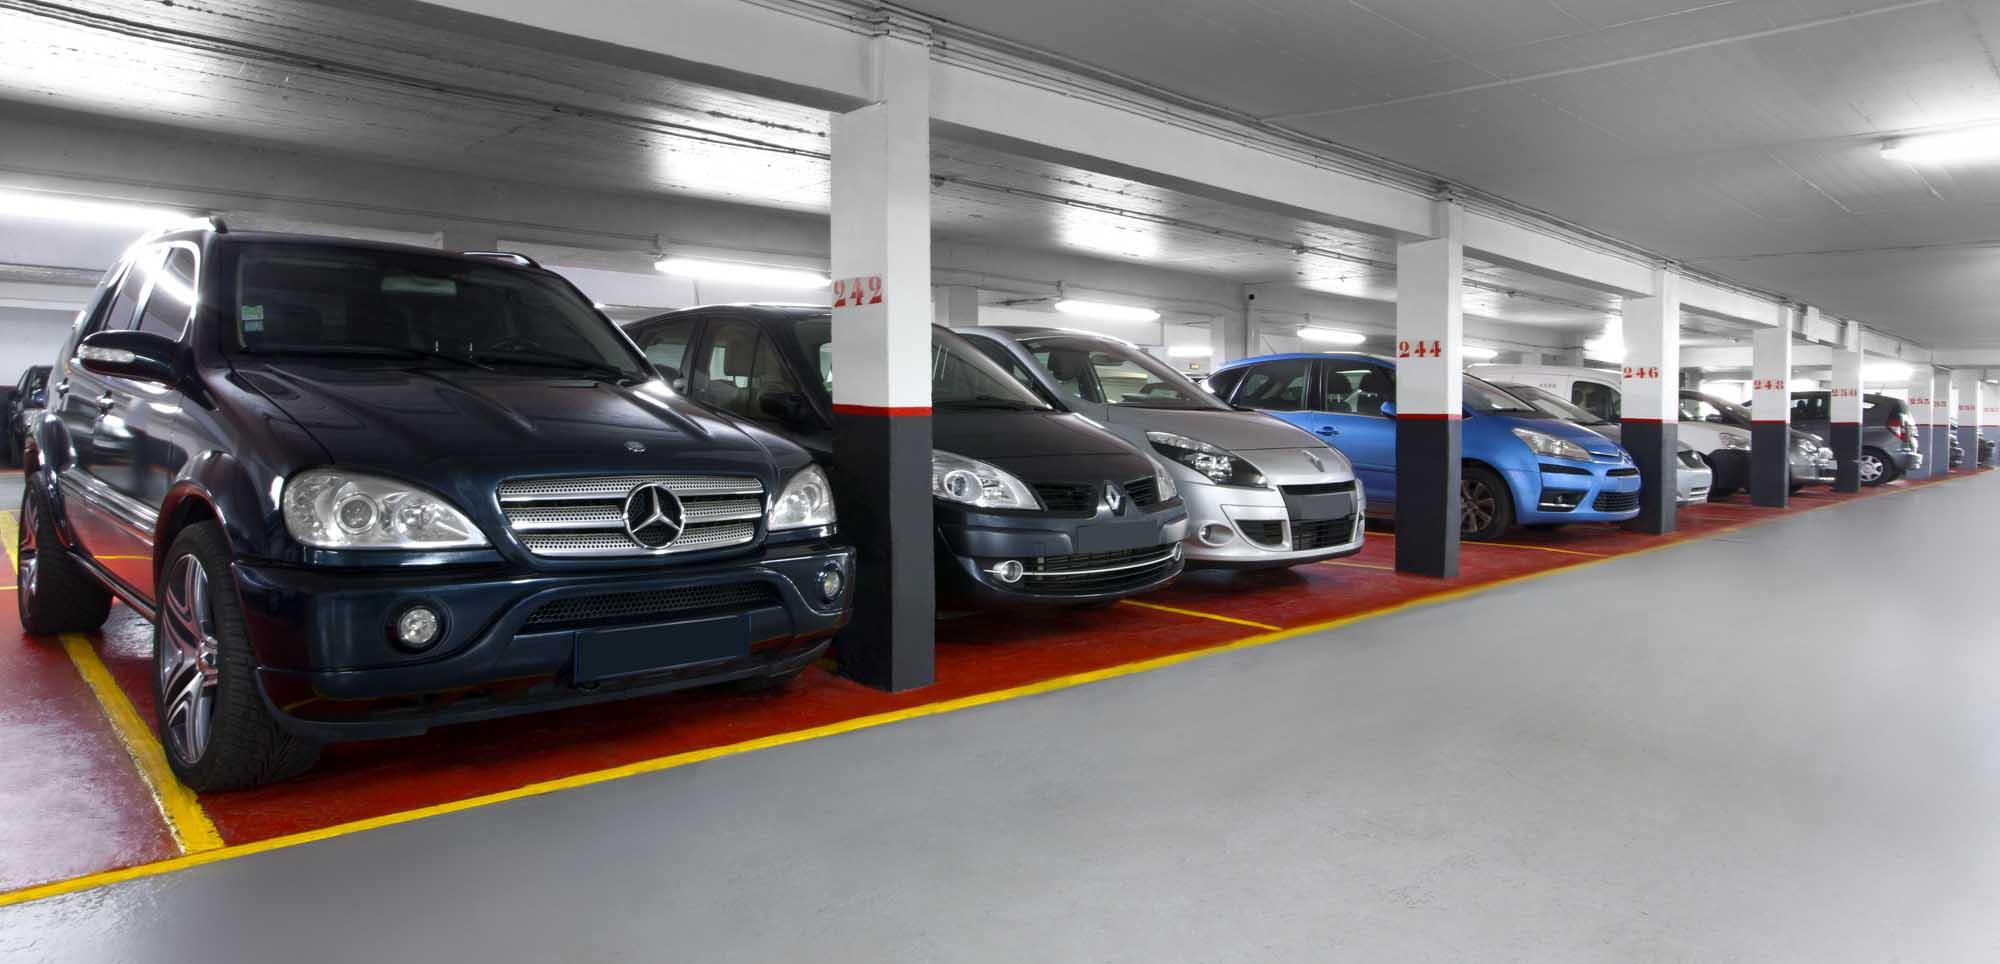 Location parking Toulouse face aux problèmes de stationnement